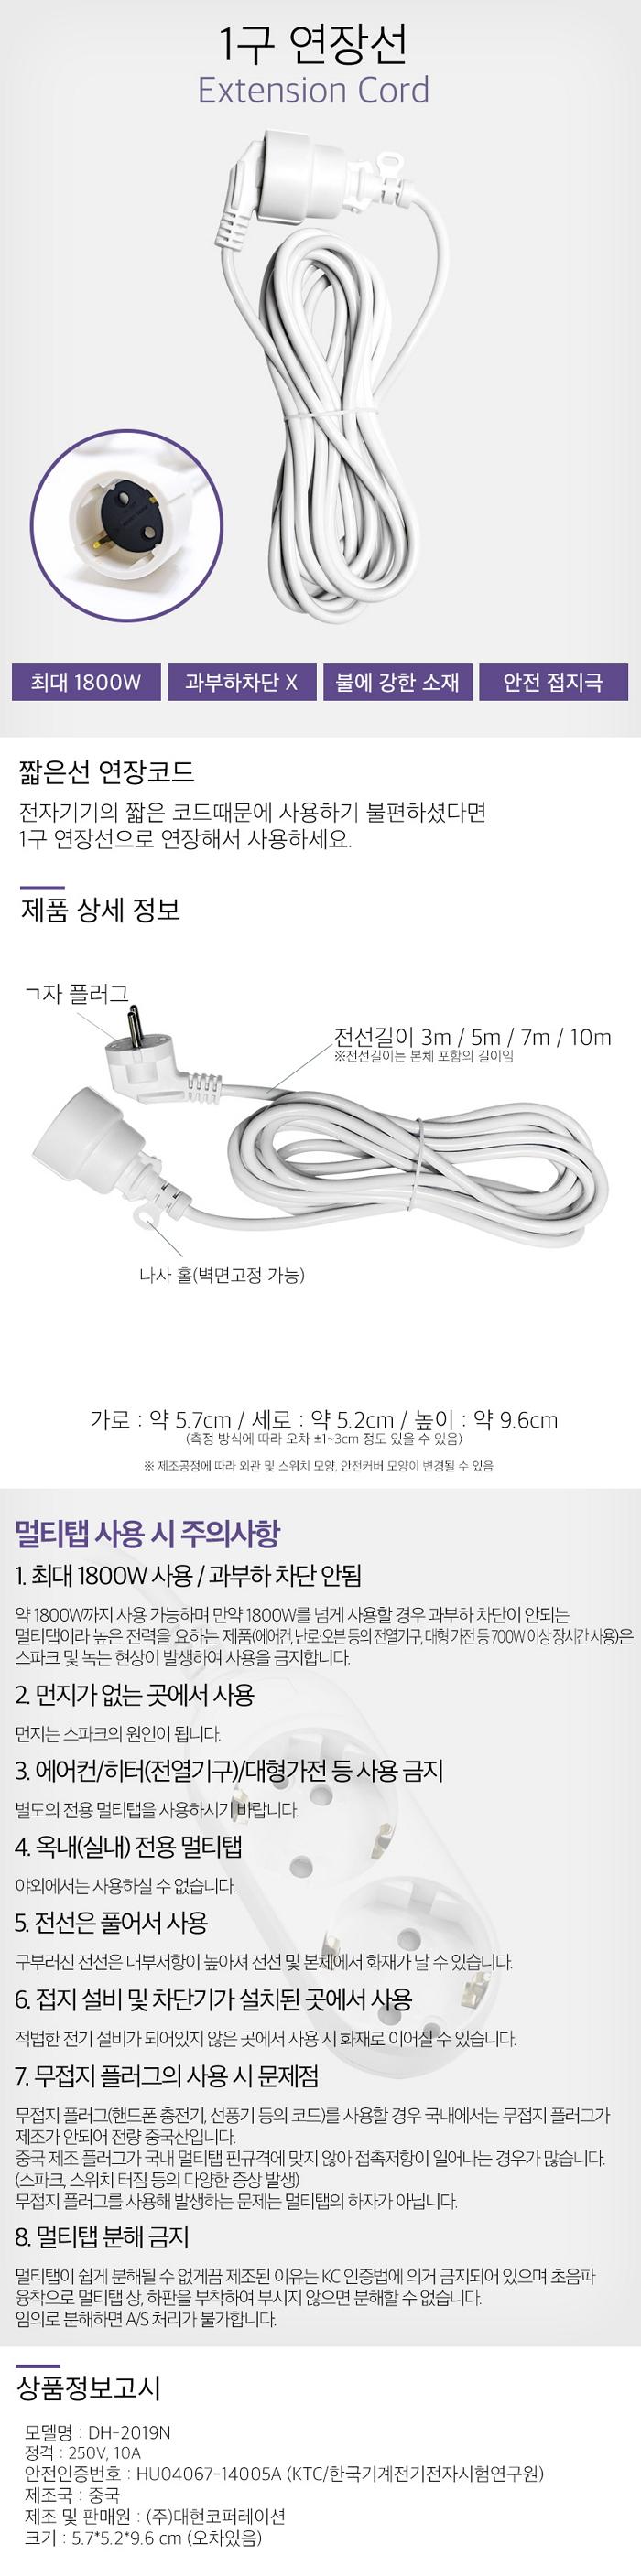 대현코퍼레이션 써지오 1구 멀티탭 연장선(5m)